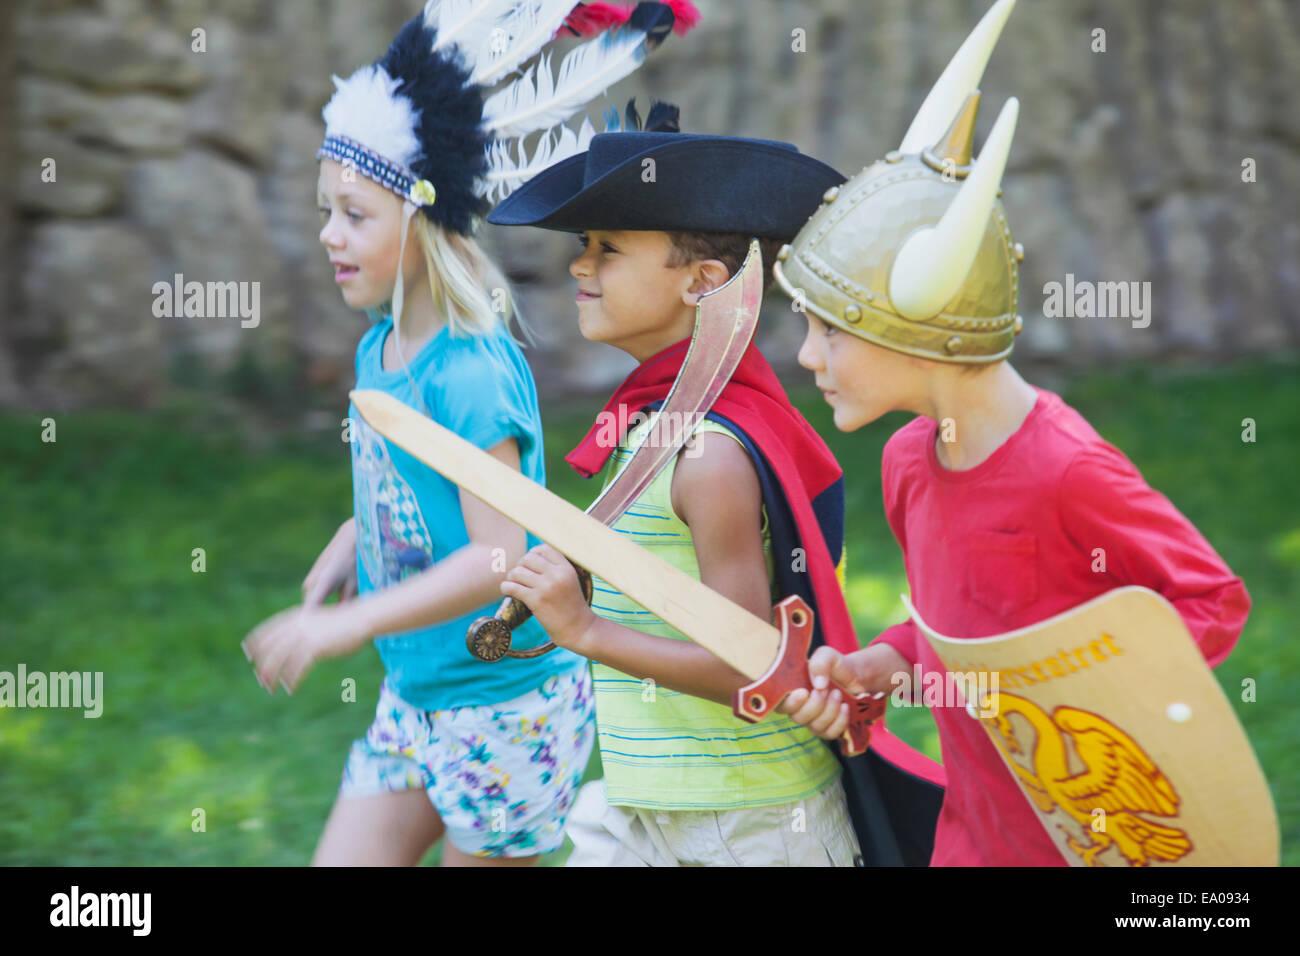 Tre bambini indossare abiti fantasiosi costumi, giocando in posizione di parcheggio Immagini Stock